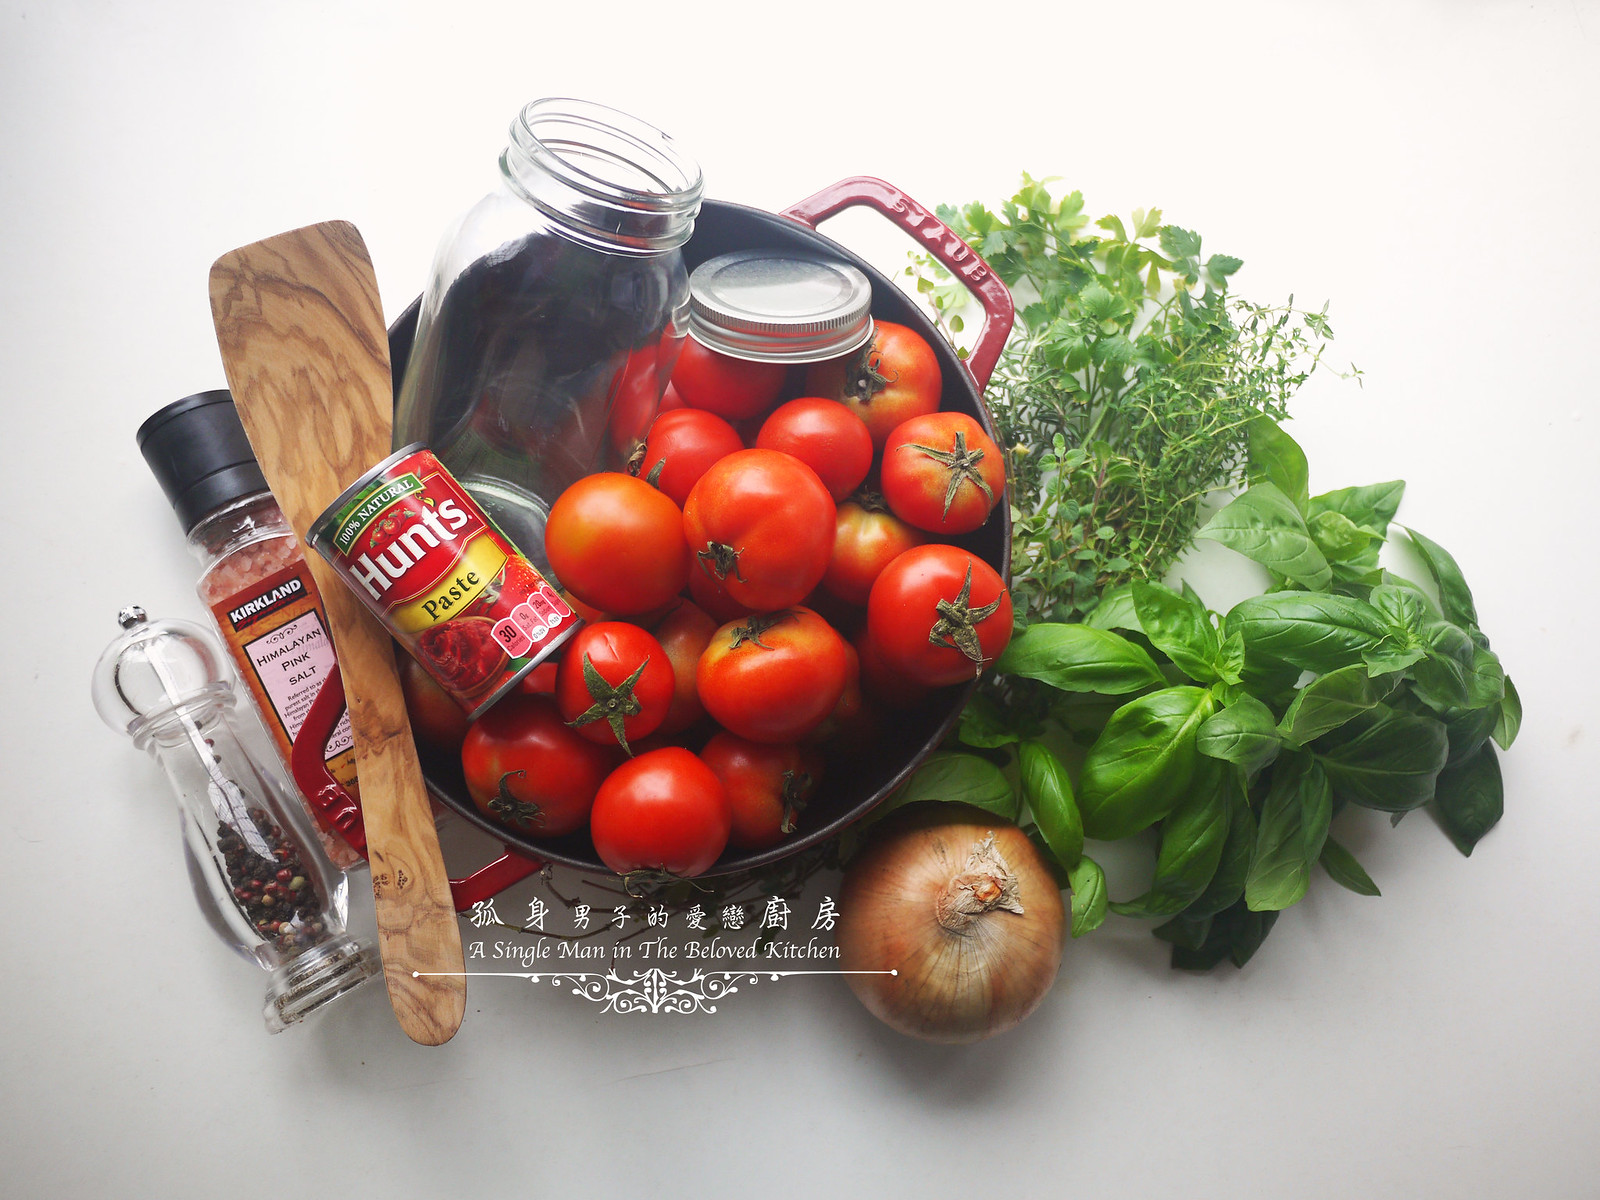 孤身廚房-義大利茄汁紅醬罐頭--自己的紅醬罐頭自己做。不求人1